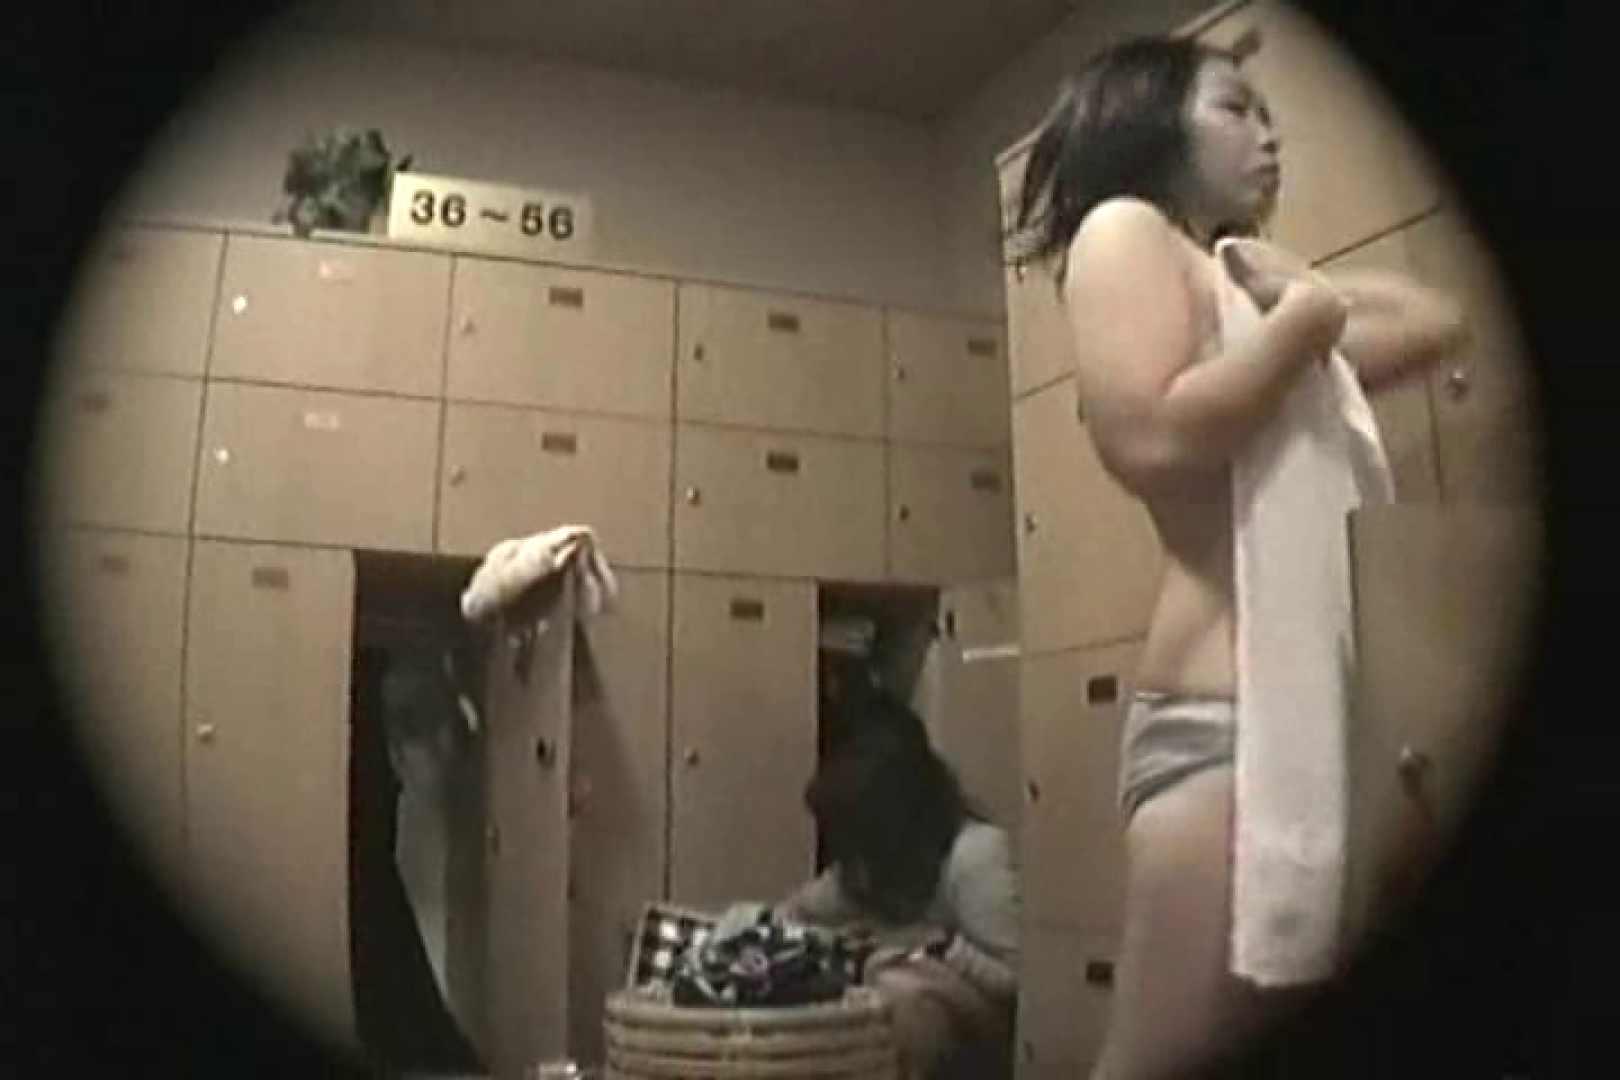 新女風呂51 むっちりすけべ | 女風呂  98PIX 73